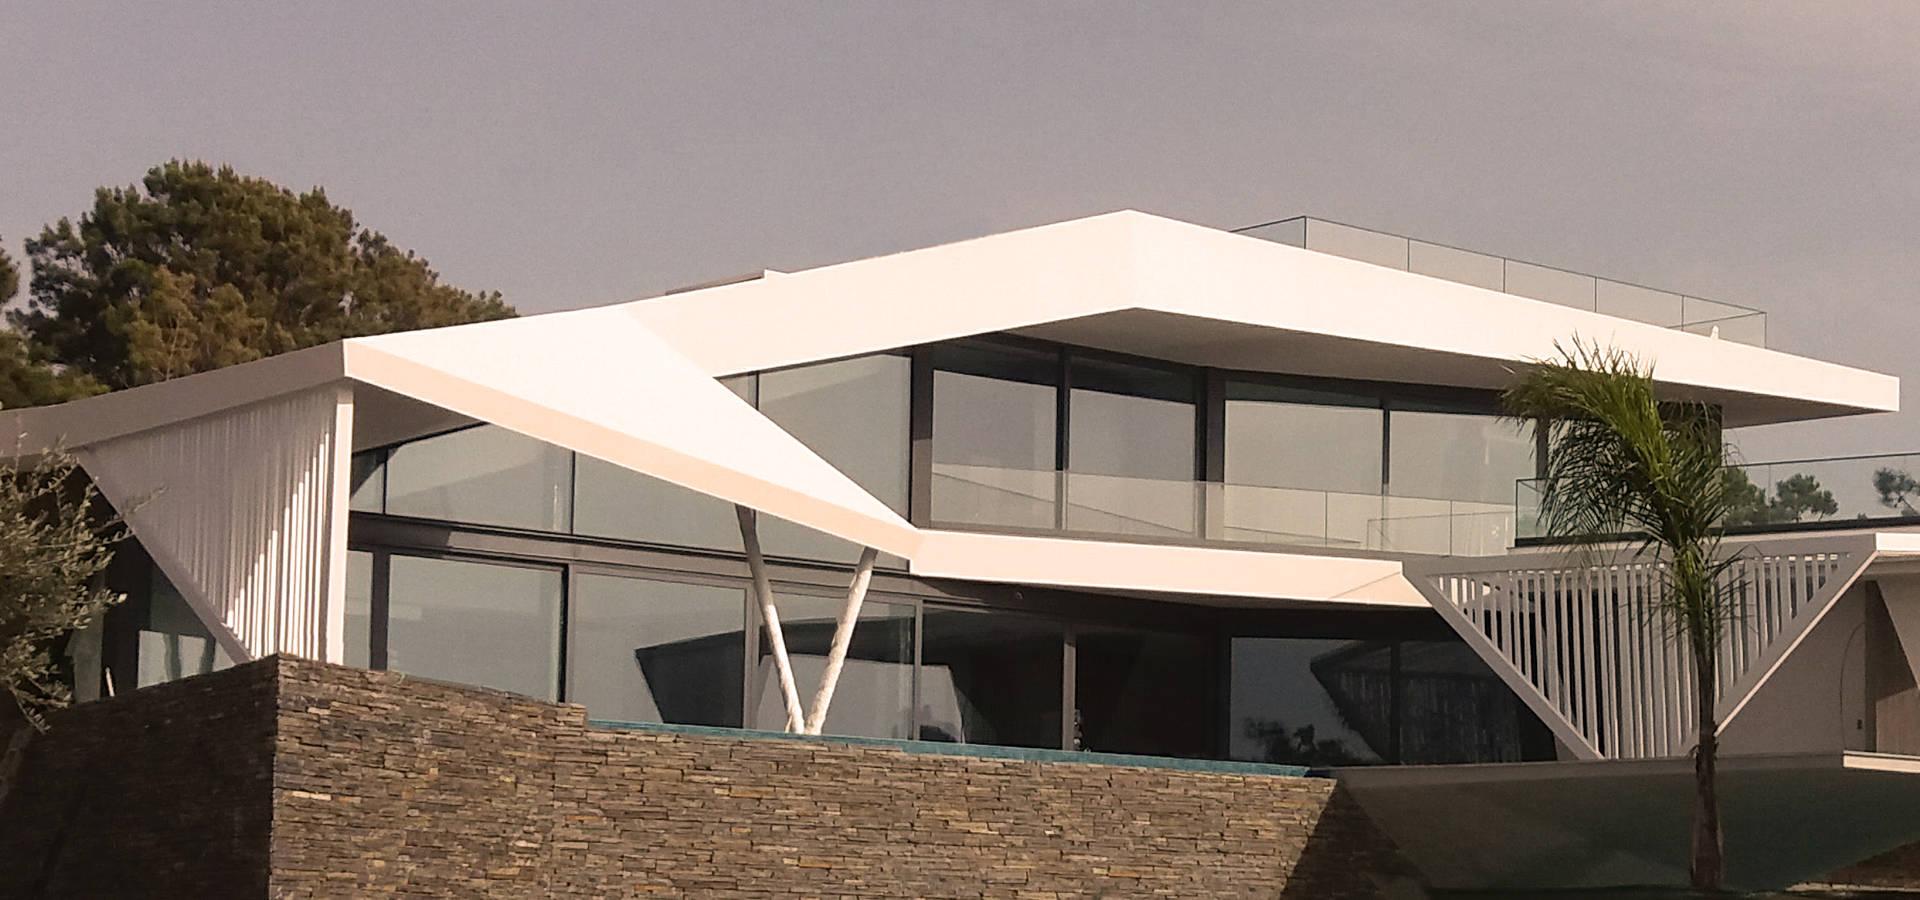 nPoente – Arquitectura, Design, 3D, Lda